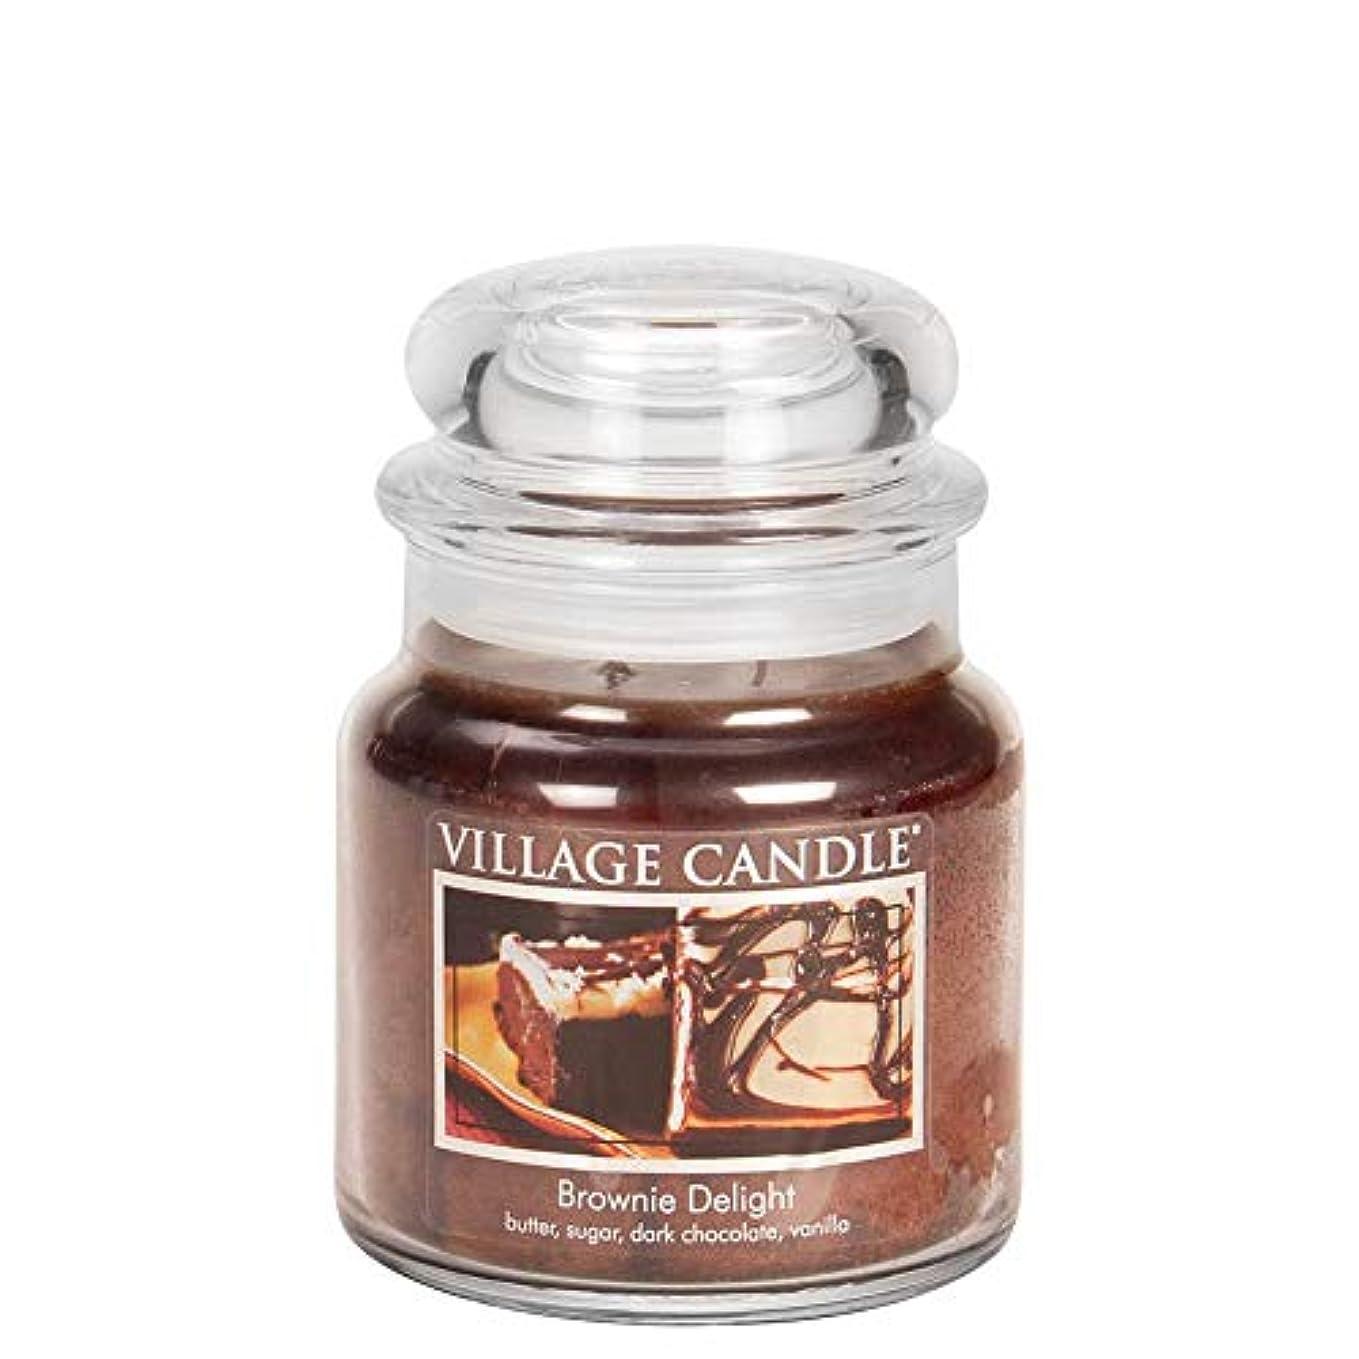 モネクロール時代遅れVillage Candle Medium Fragranced Candle Jar?つ - 14cm x 10cm - 16oz (899g)- Brownie Delight - upto 105 hours burn...